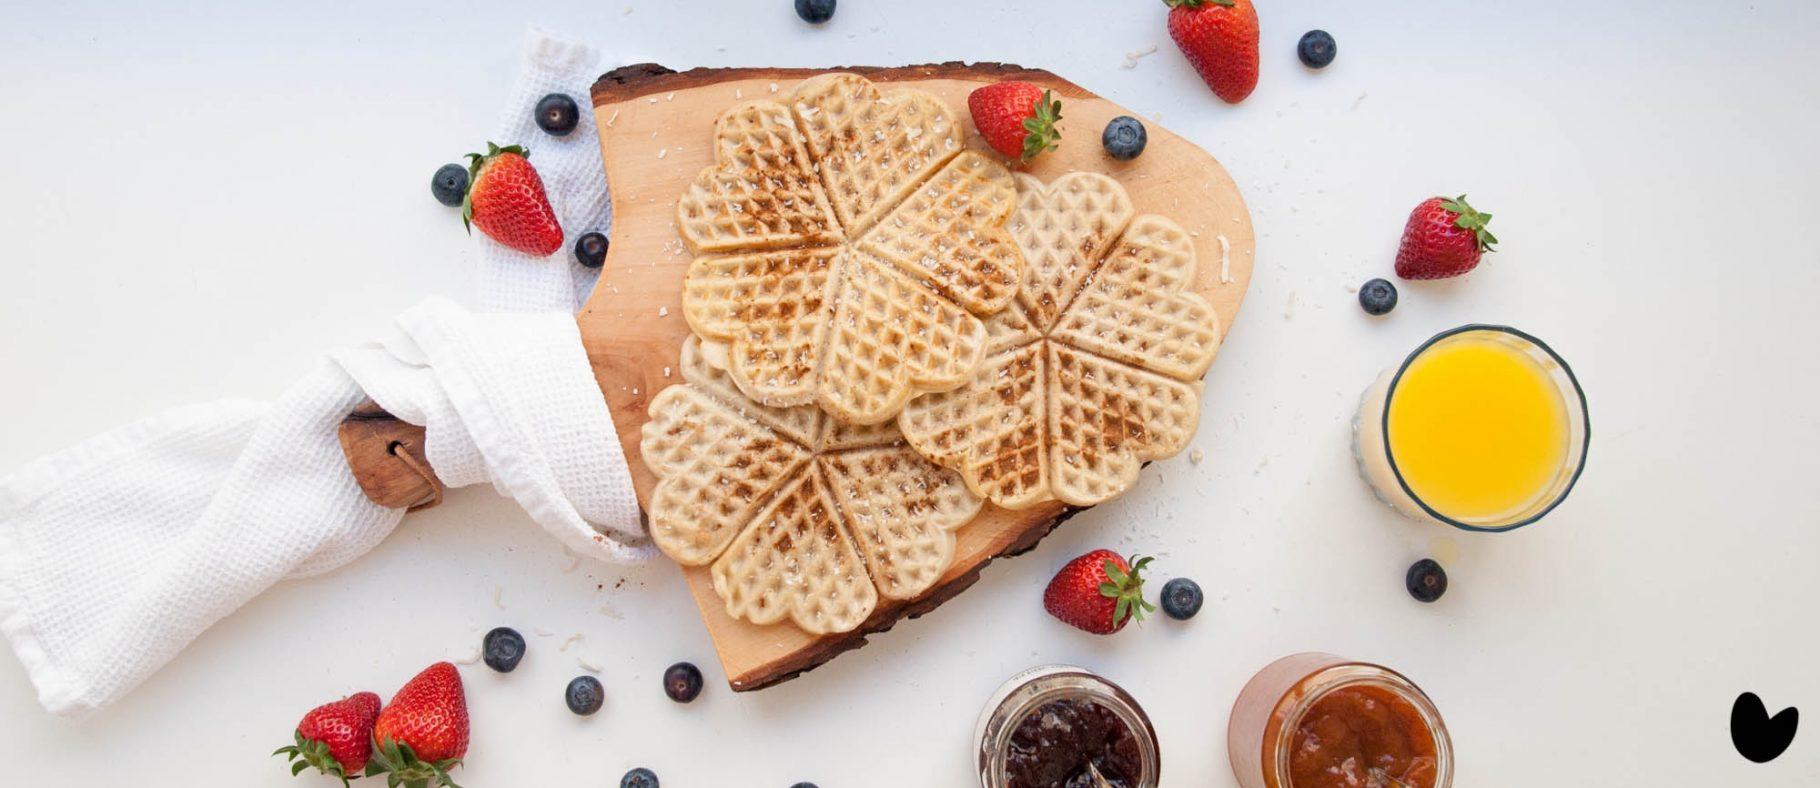 Einfache, vegane Waffeln | Frühstück 2.0